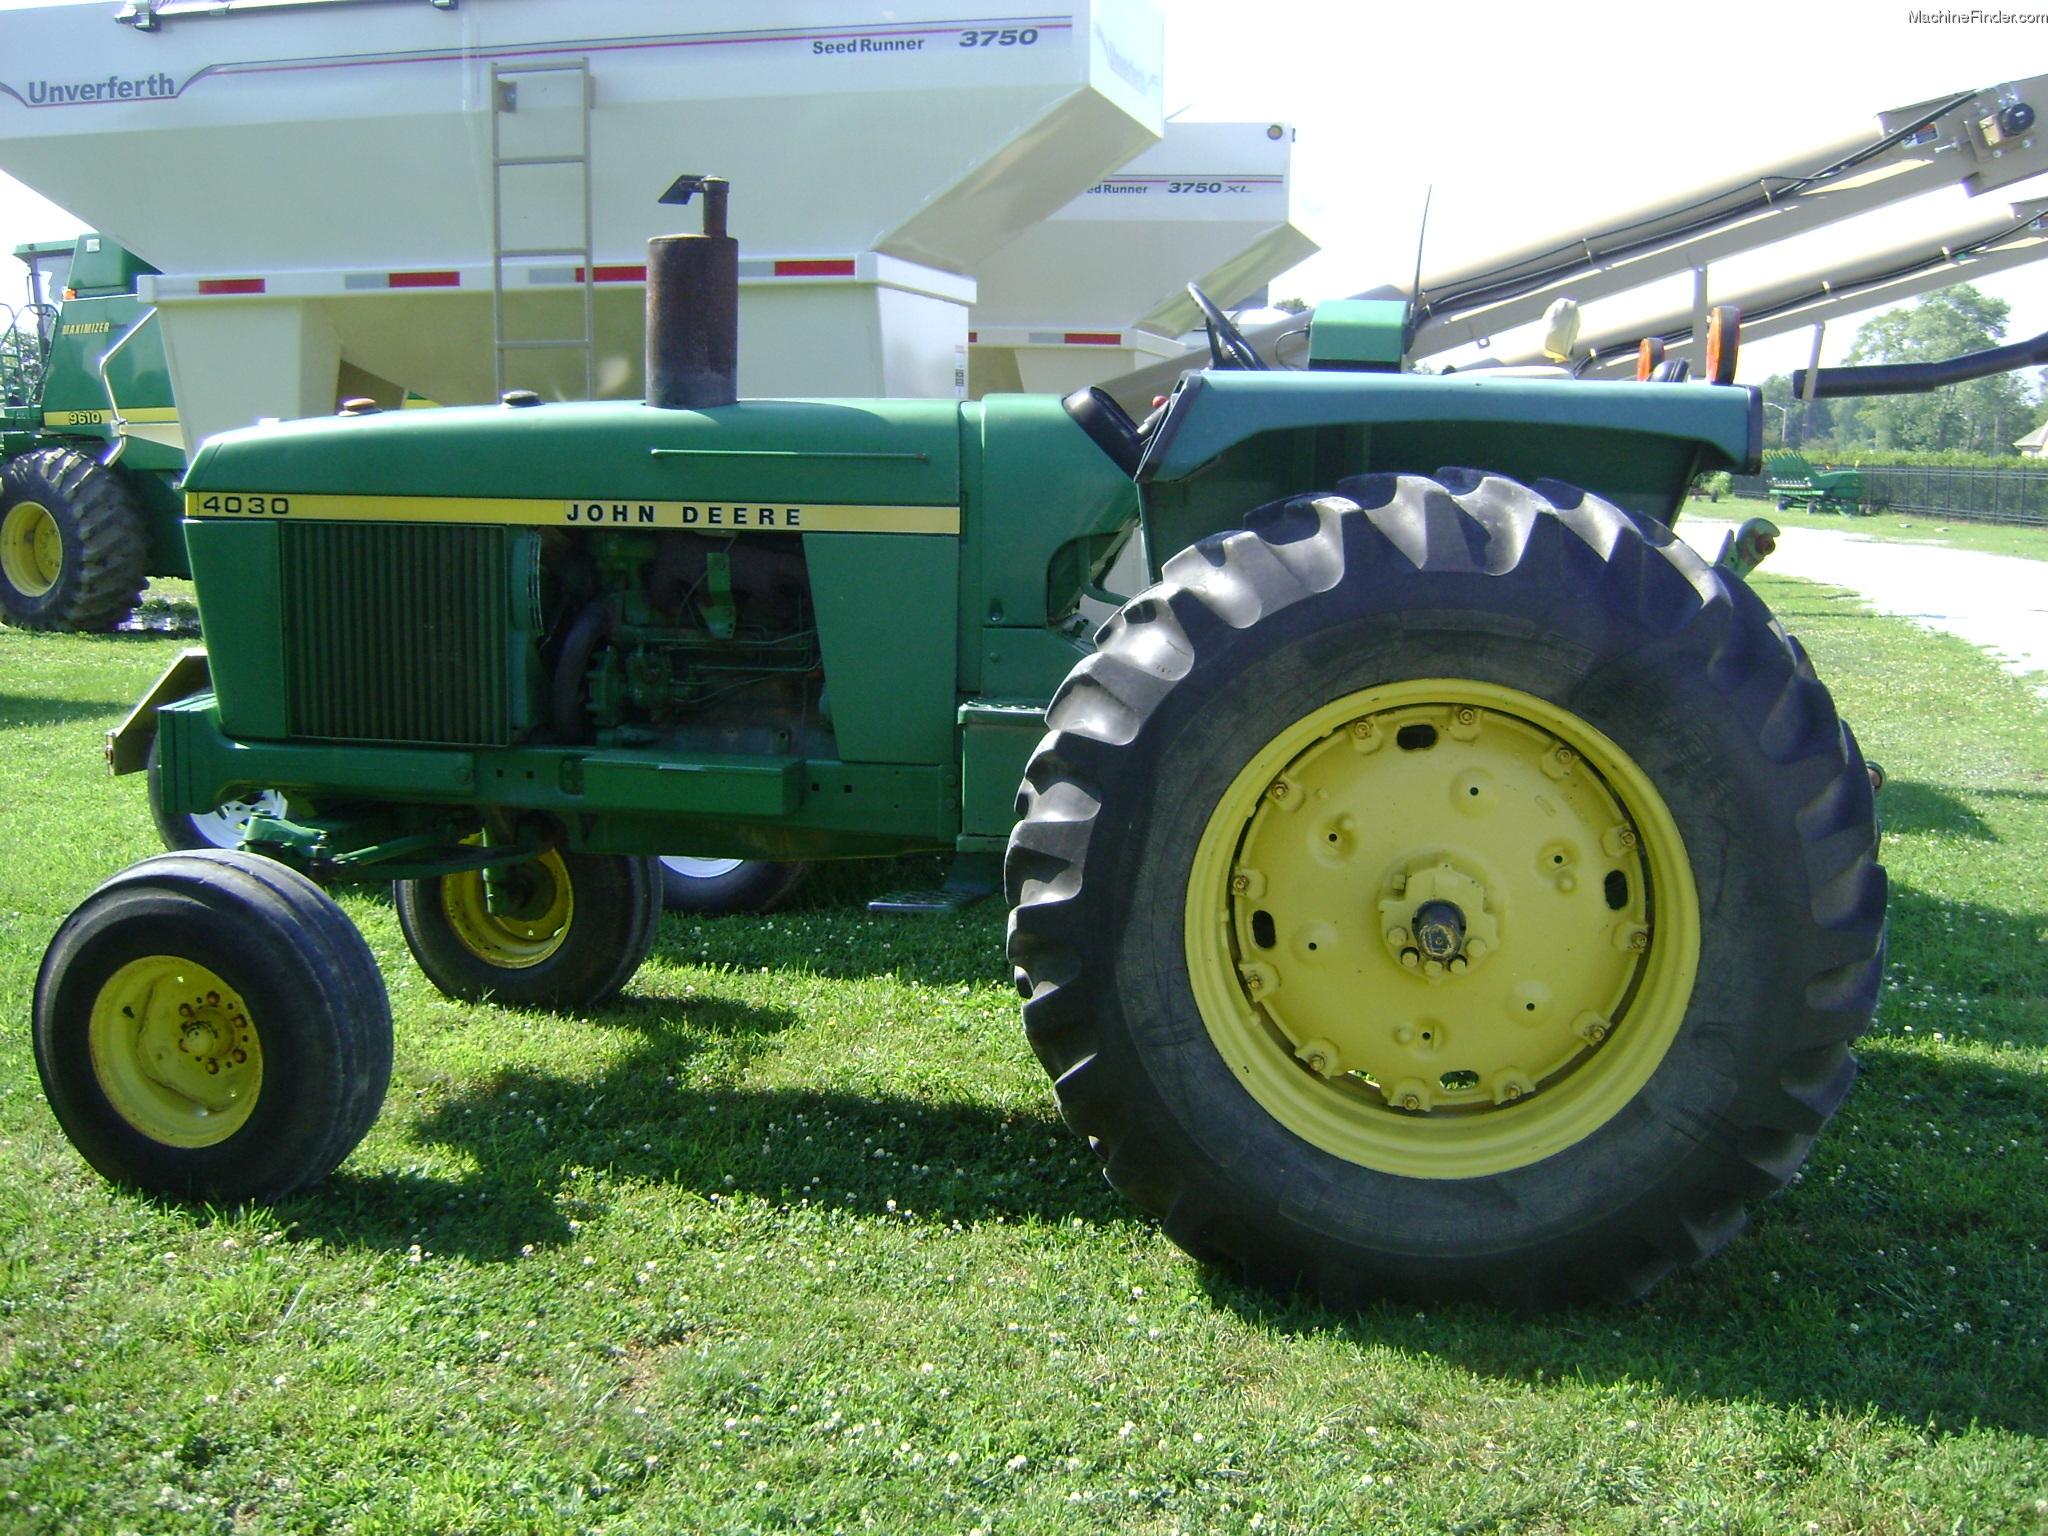 1974 John Deere 4030 Tractors - Row Crop (+100hp) - John ...